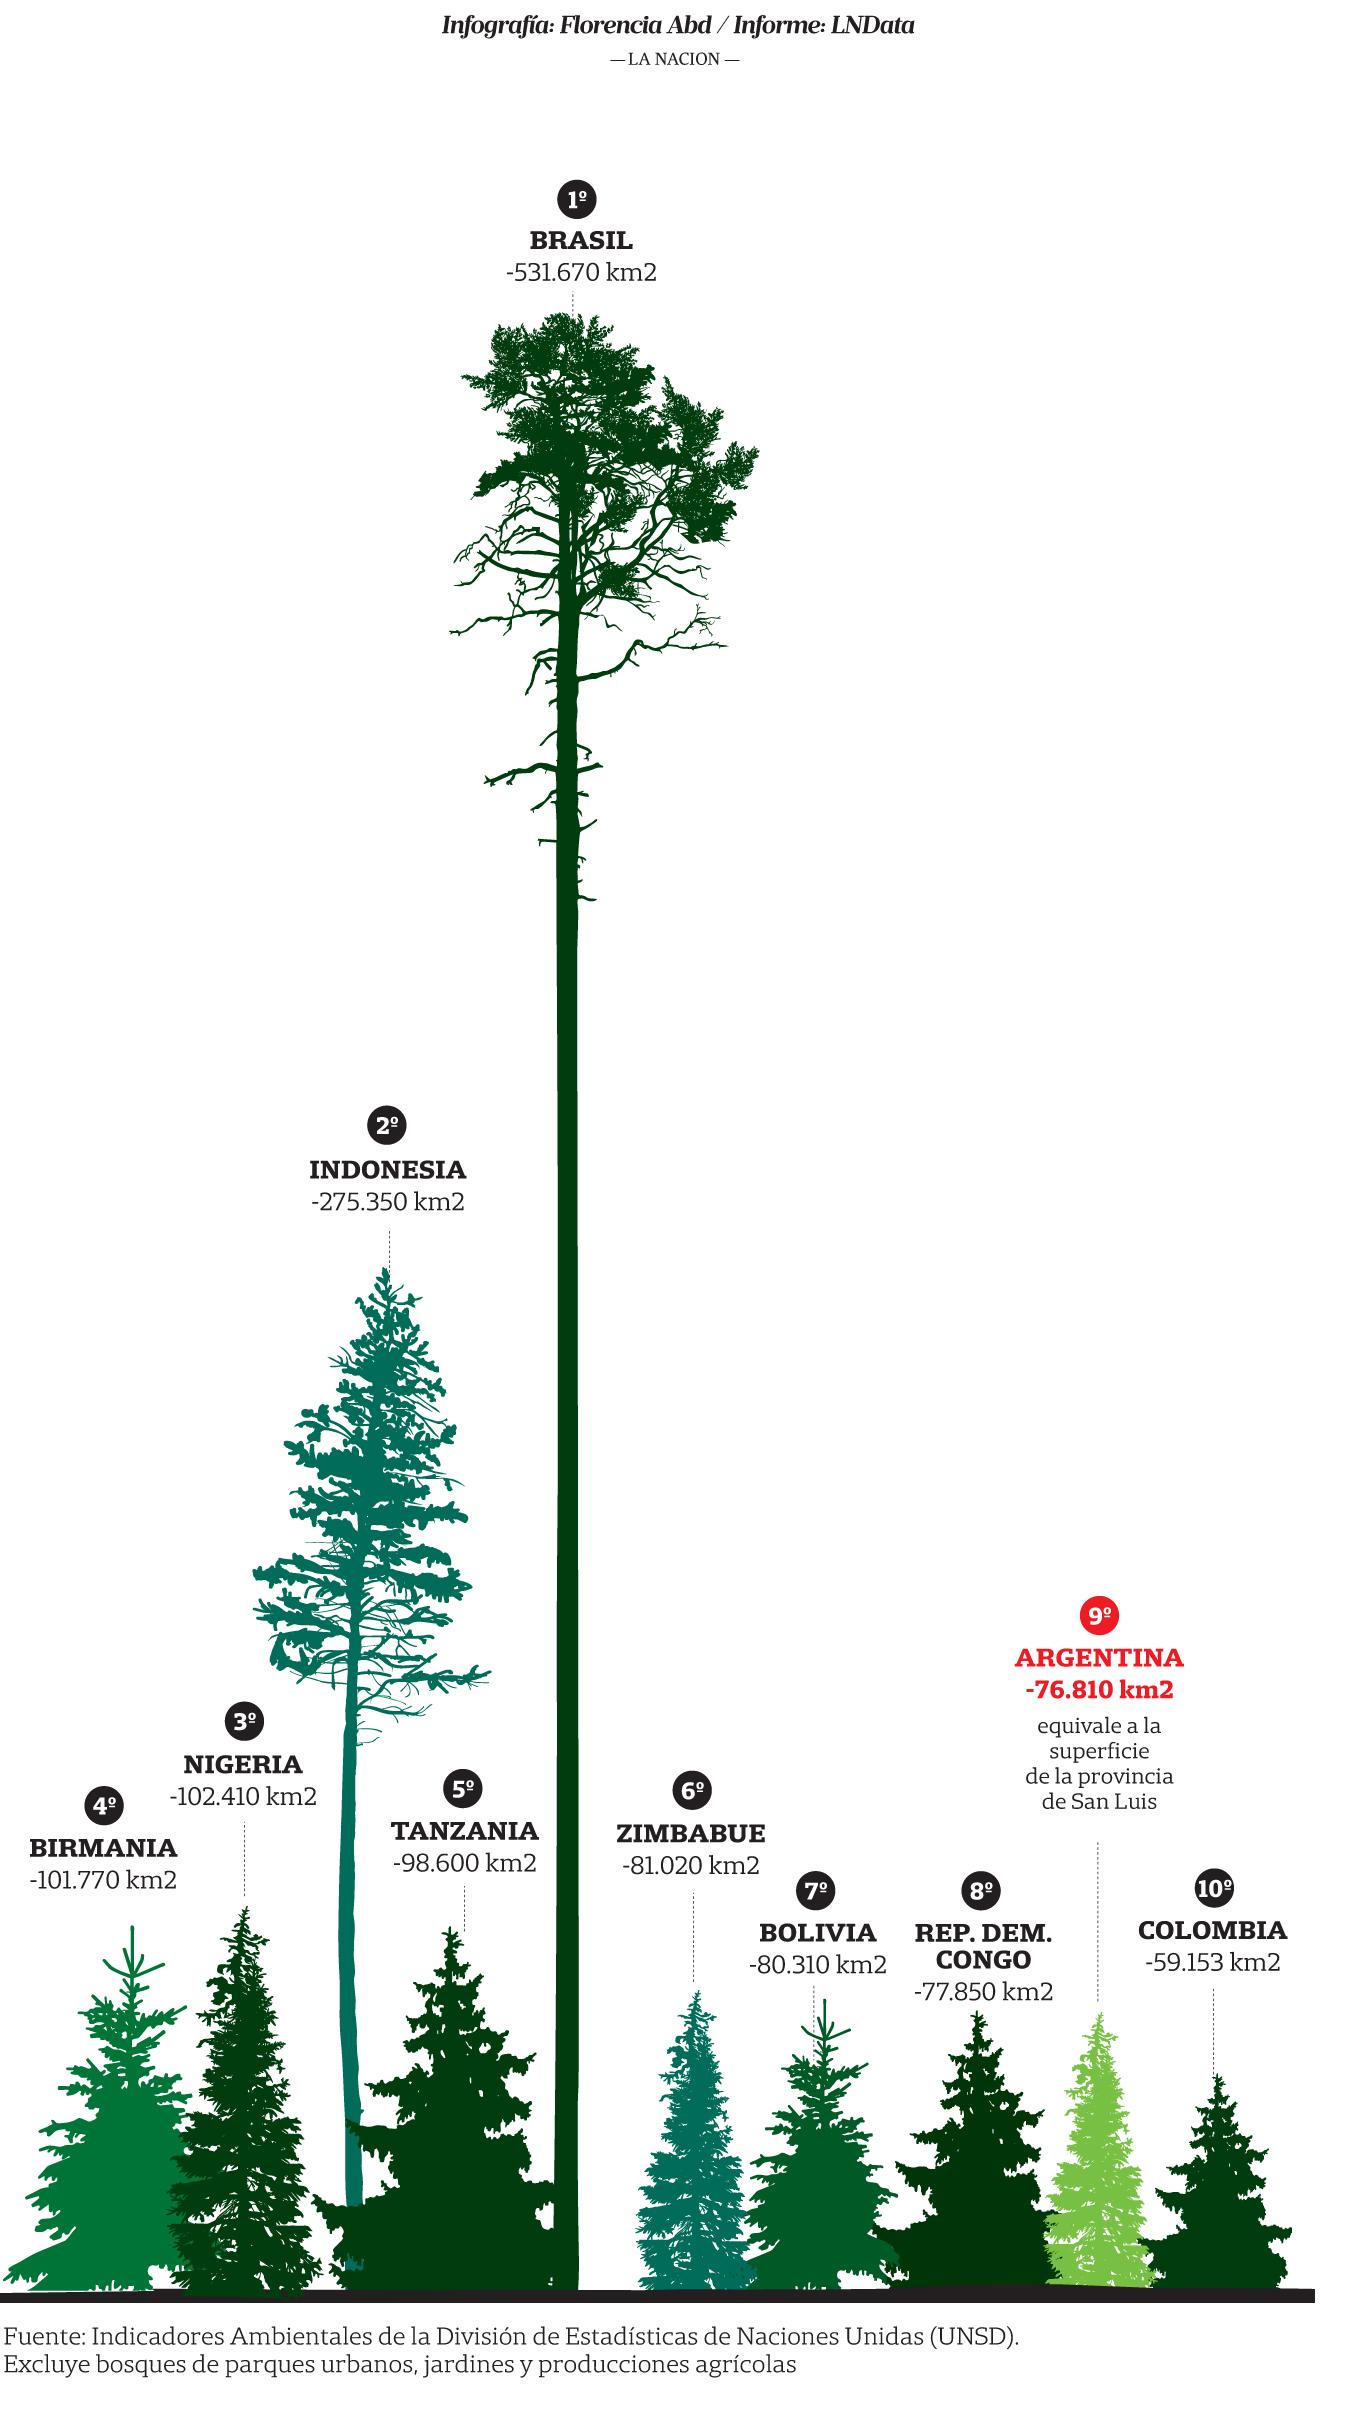 Los diez países que perdieron mayor superficie de bosque en los últimos 25 años - Fuente La Nacion Online, 17 Enero, 2017